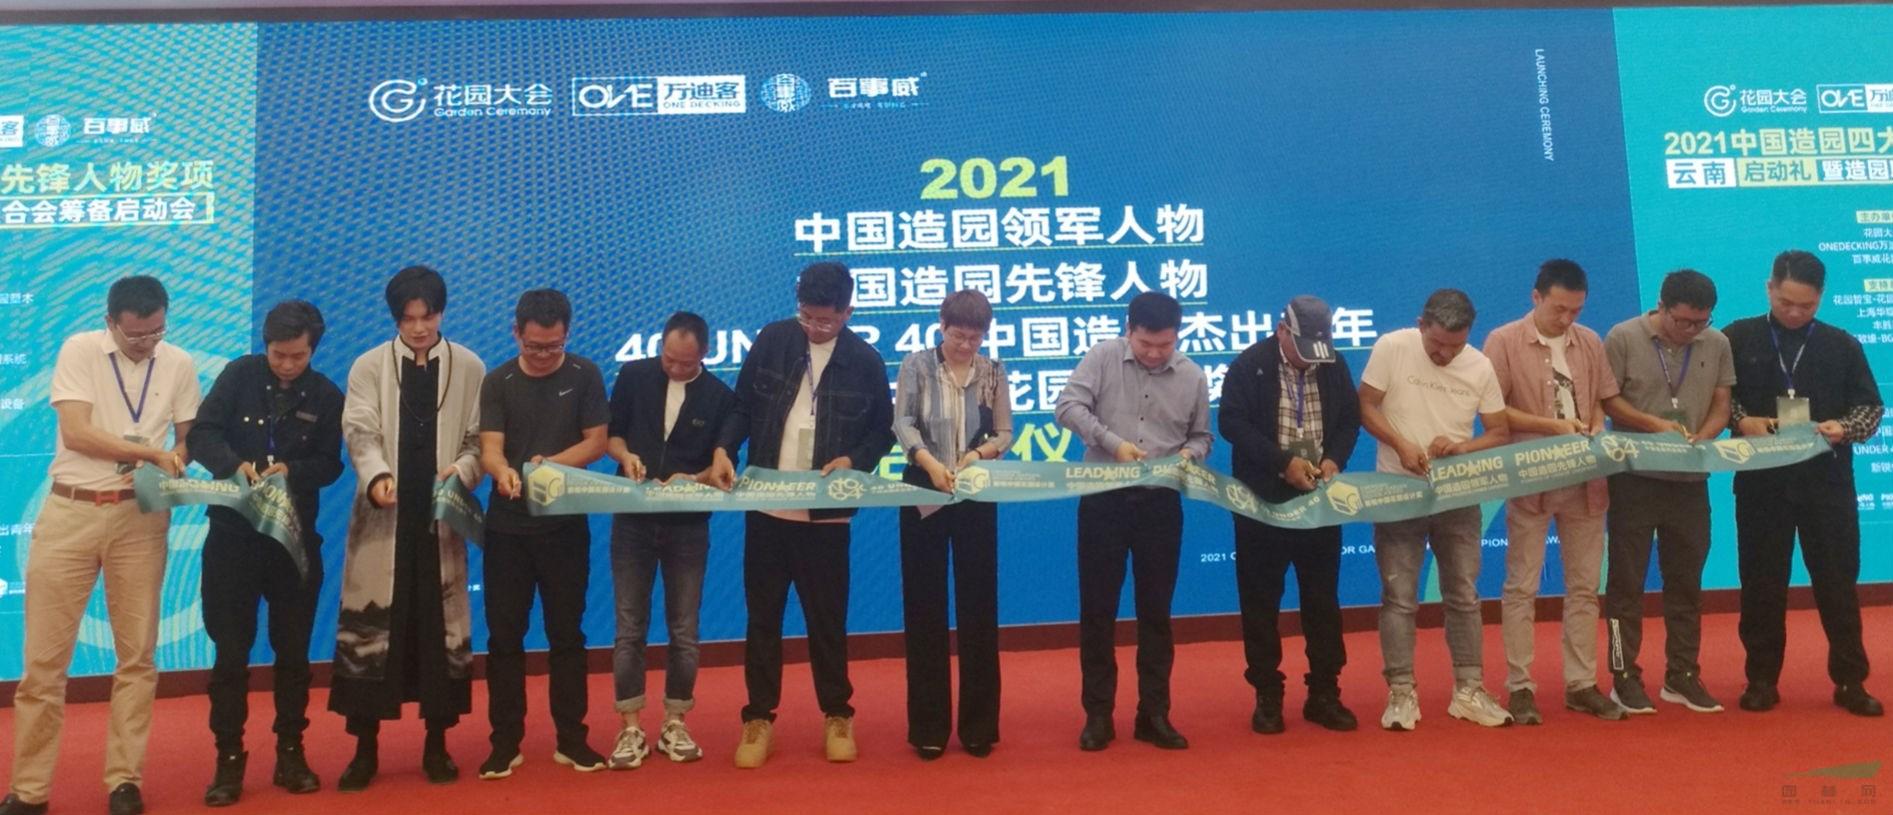 中国造园四大先锋人物奖项云南启动礼在昆举办